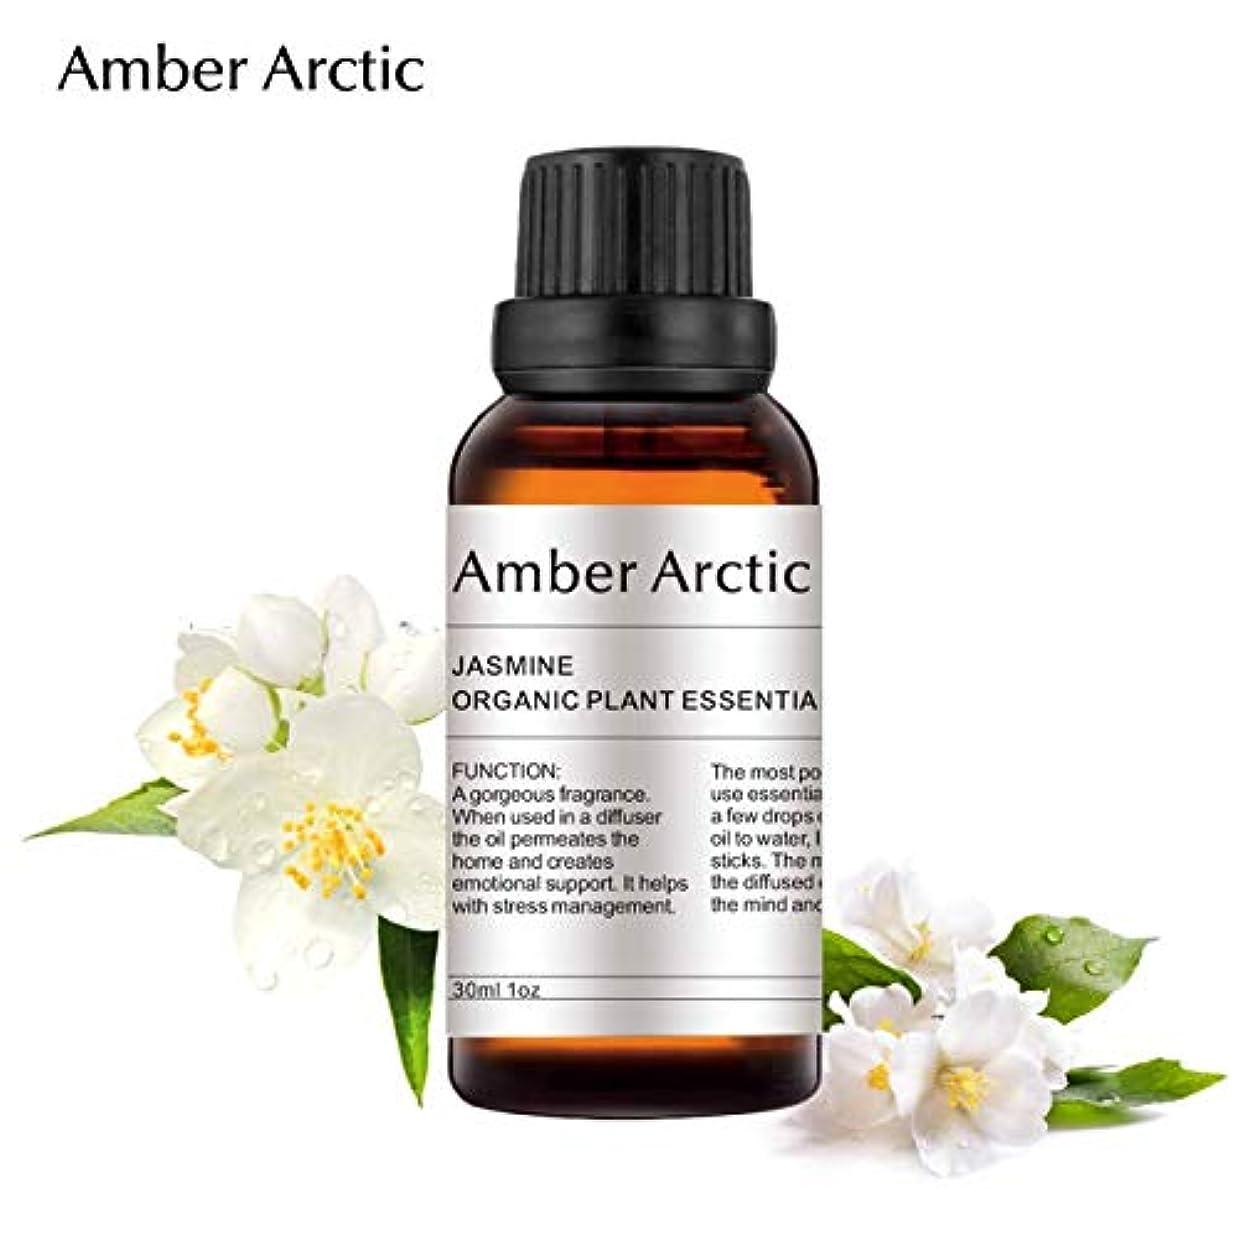 着実にルーム上昇AMBER ARCTIC エッセンシャル オイル ディフューザー 用 100% 純粋 新鮮 有機 植物 セラピー オイル 30Ml ジャスミン ジャスミン